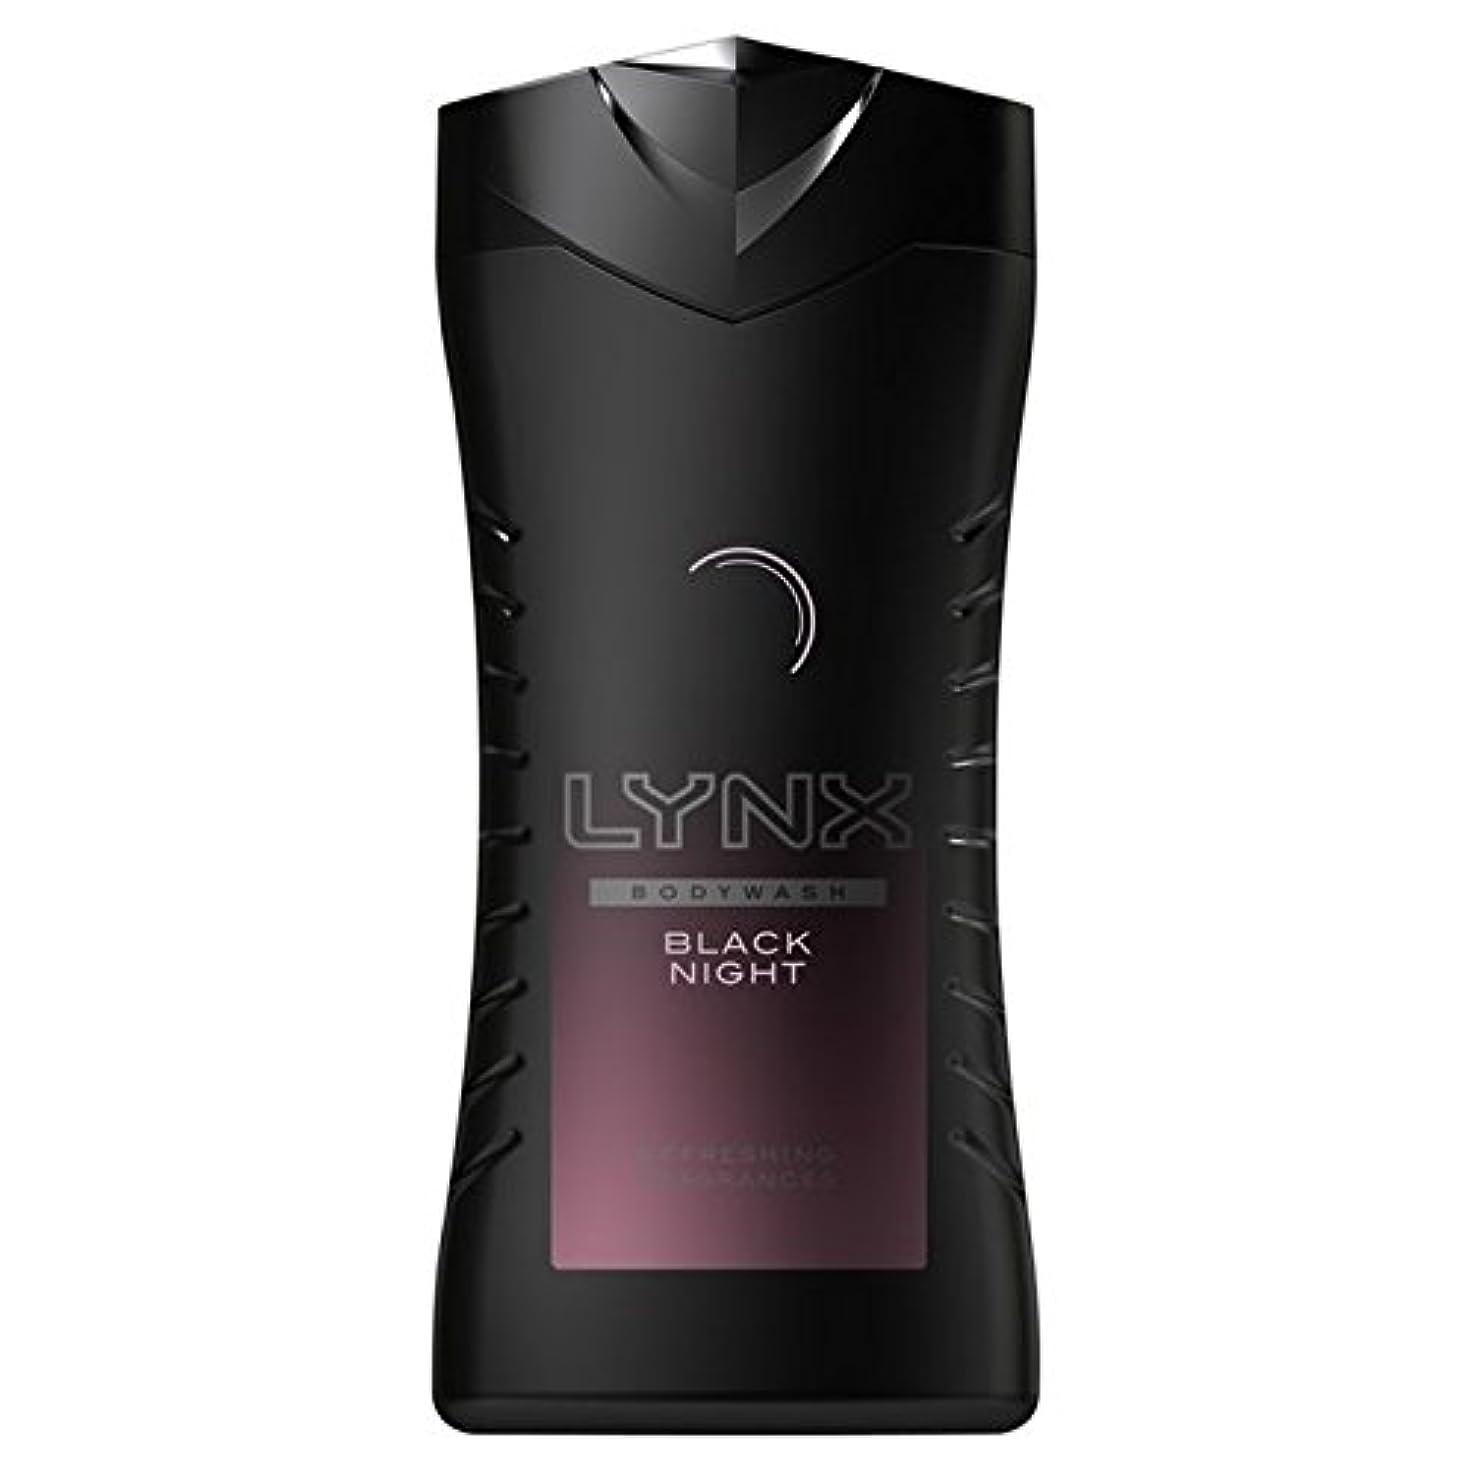 帳面受粉する鰐Lynx Black Night Shower Gel 250ml - オオヤマネコ黒夜シャワージェル250ミリリットル [並行輸入品]